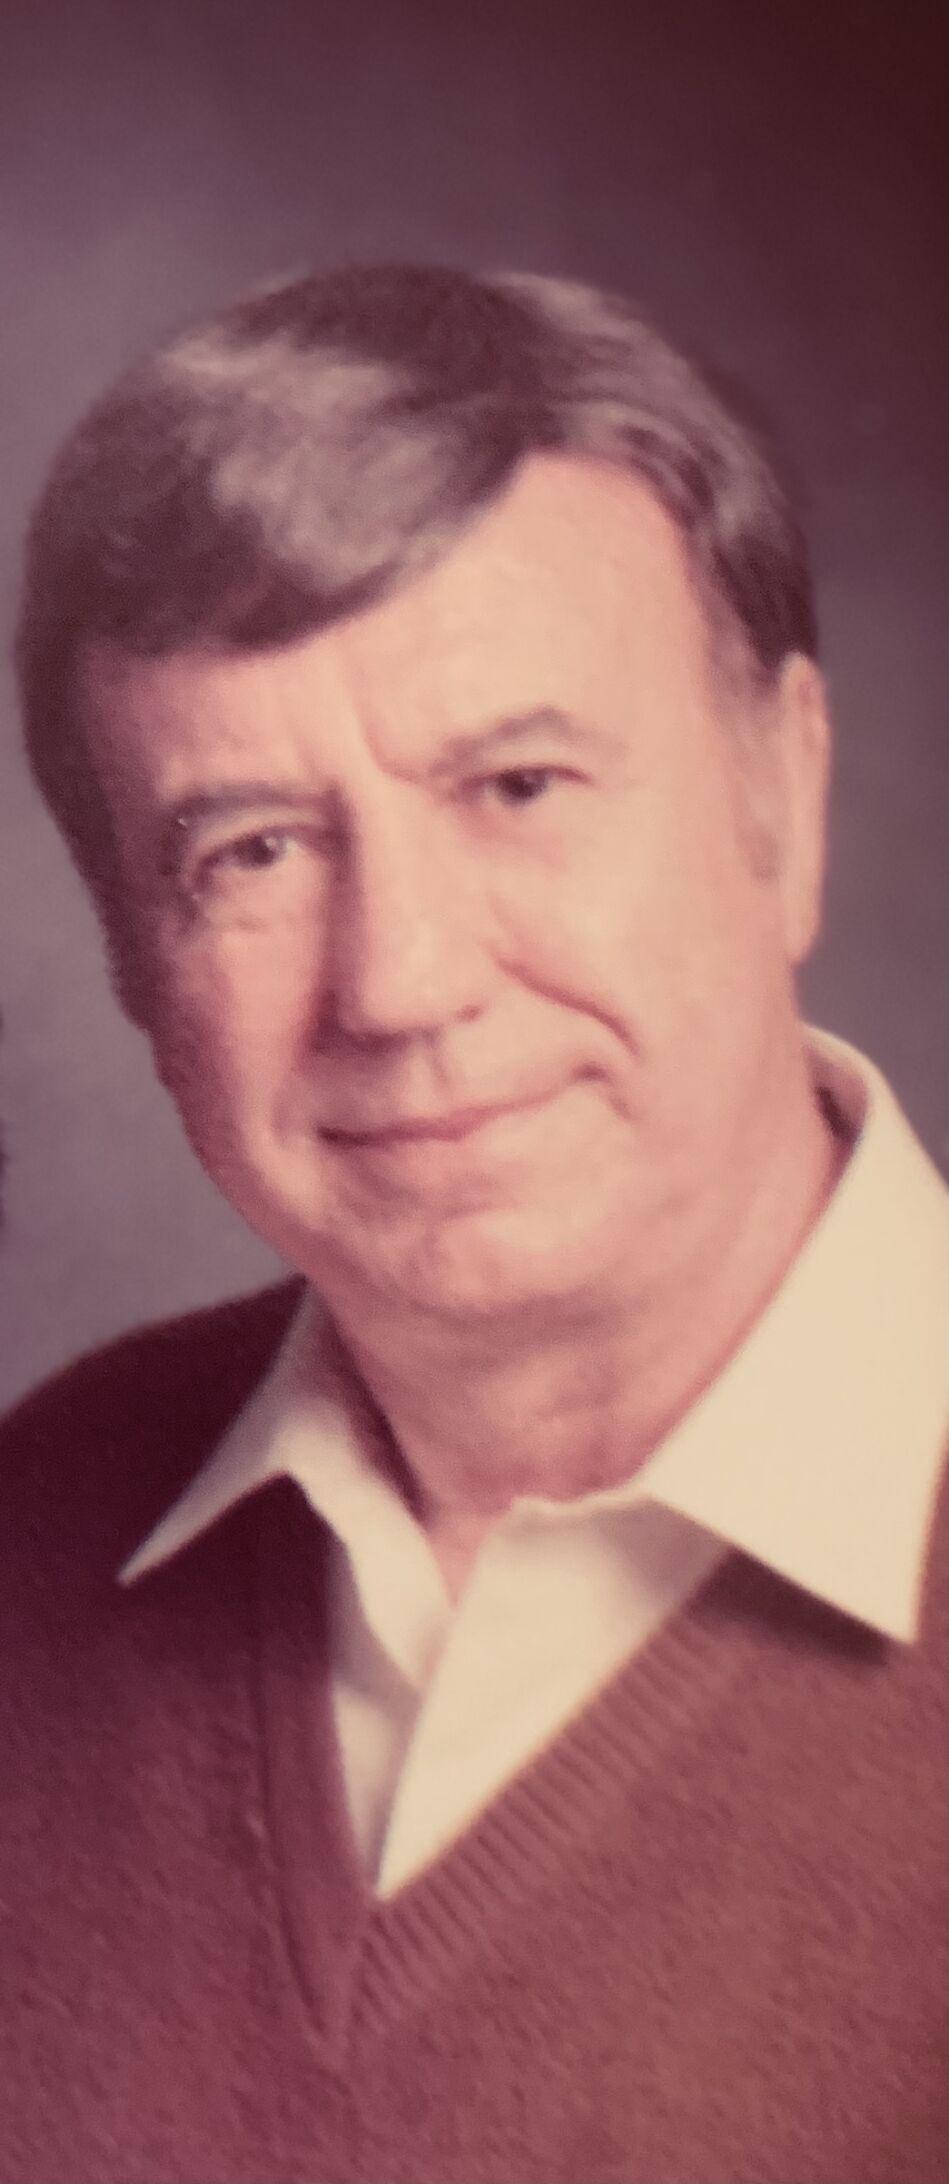 Dean Brinkley